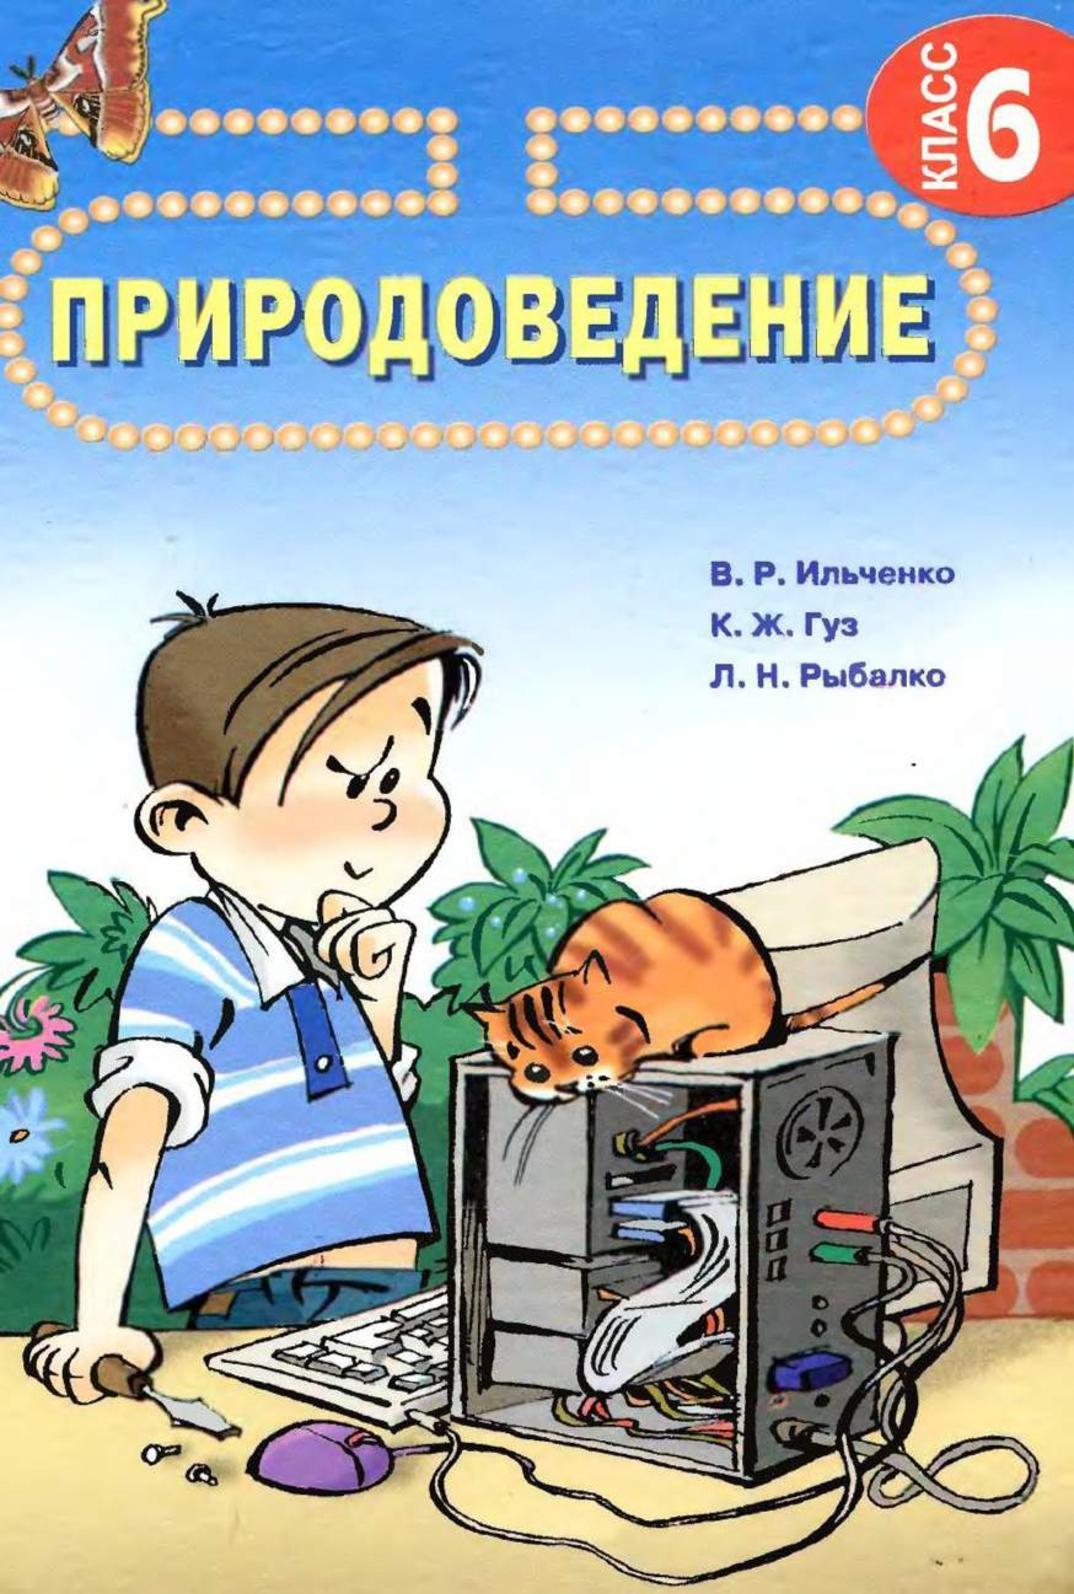 Природоведение 6 класс ильченко гуз рыбалок практическая работа